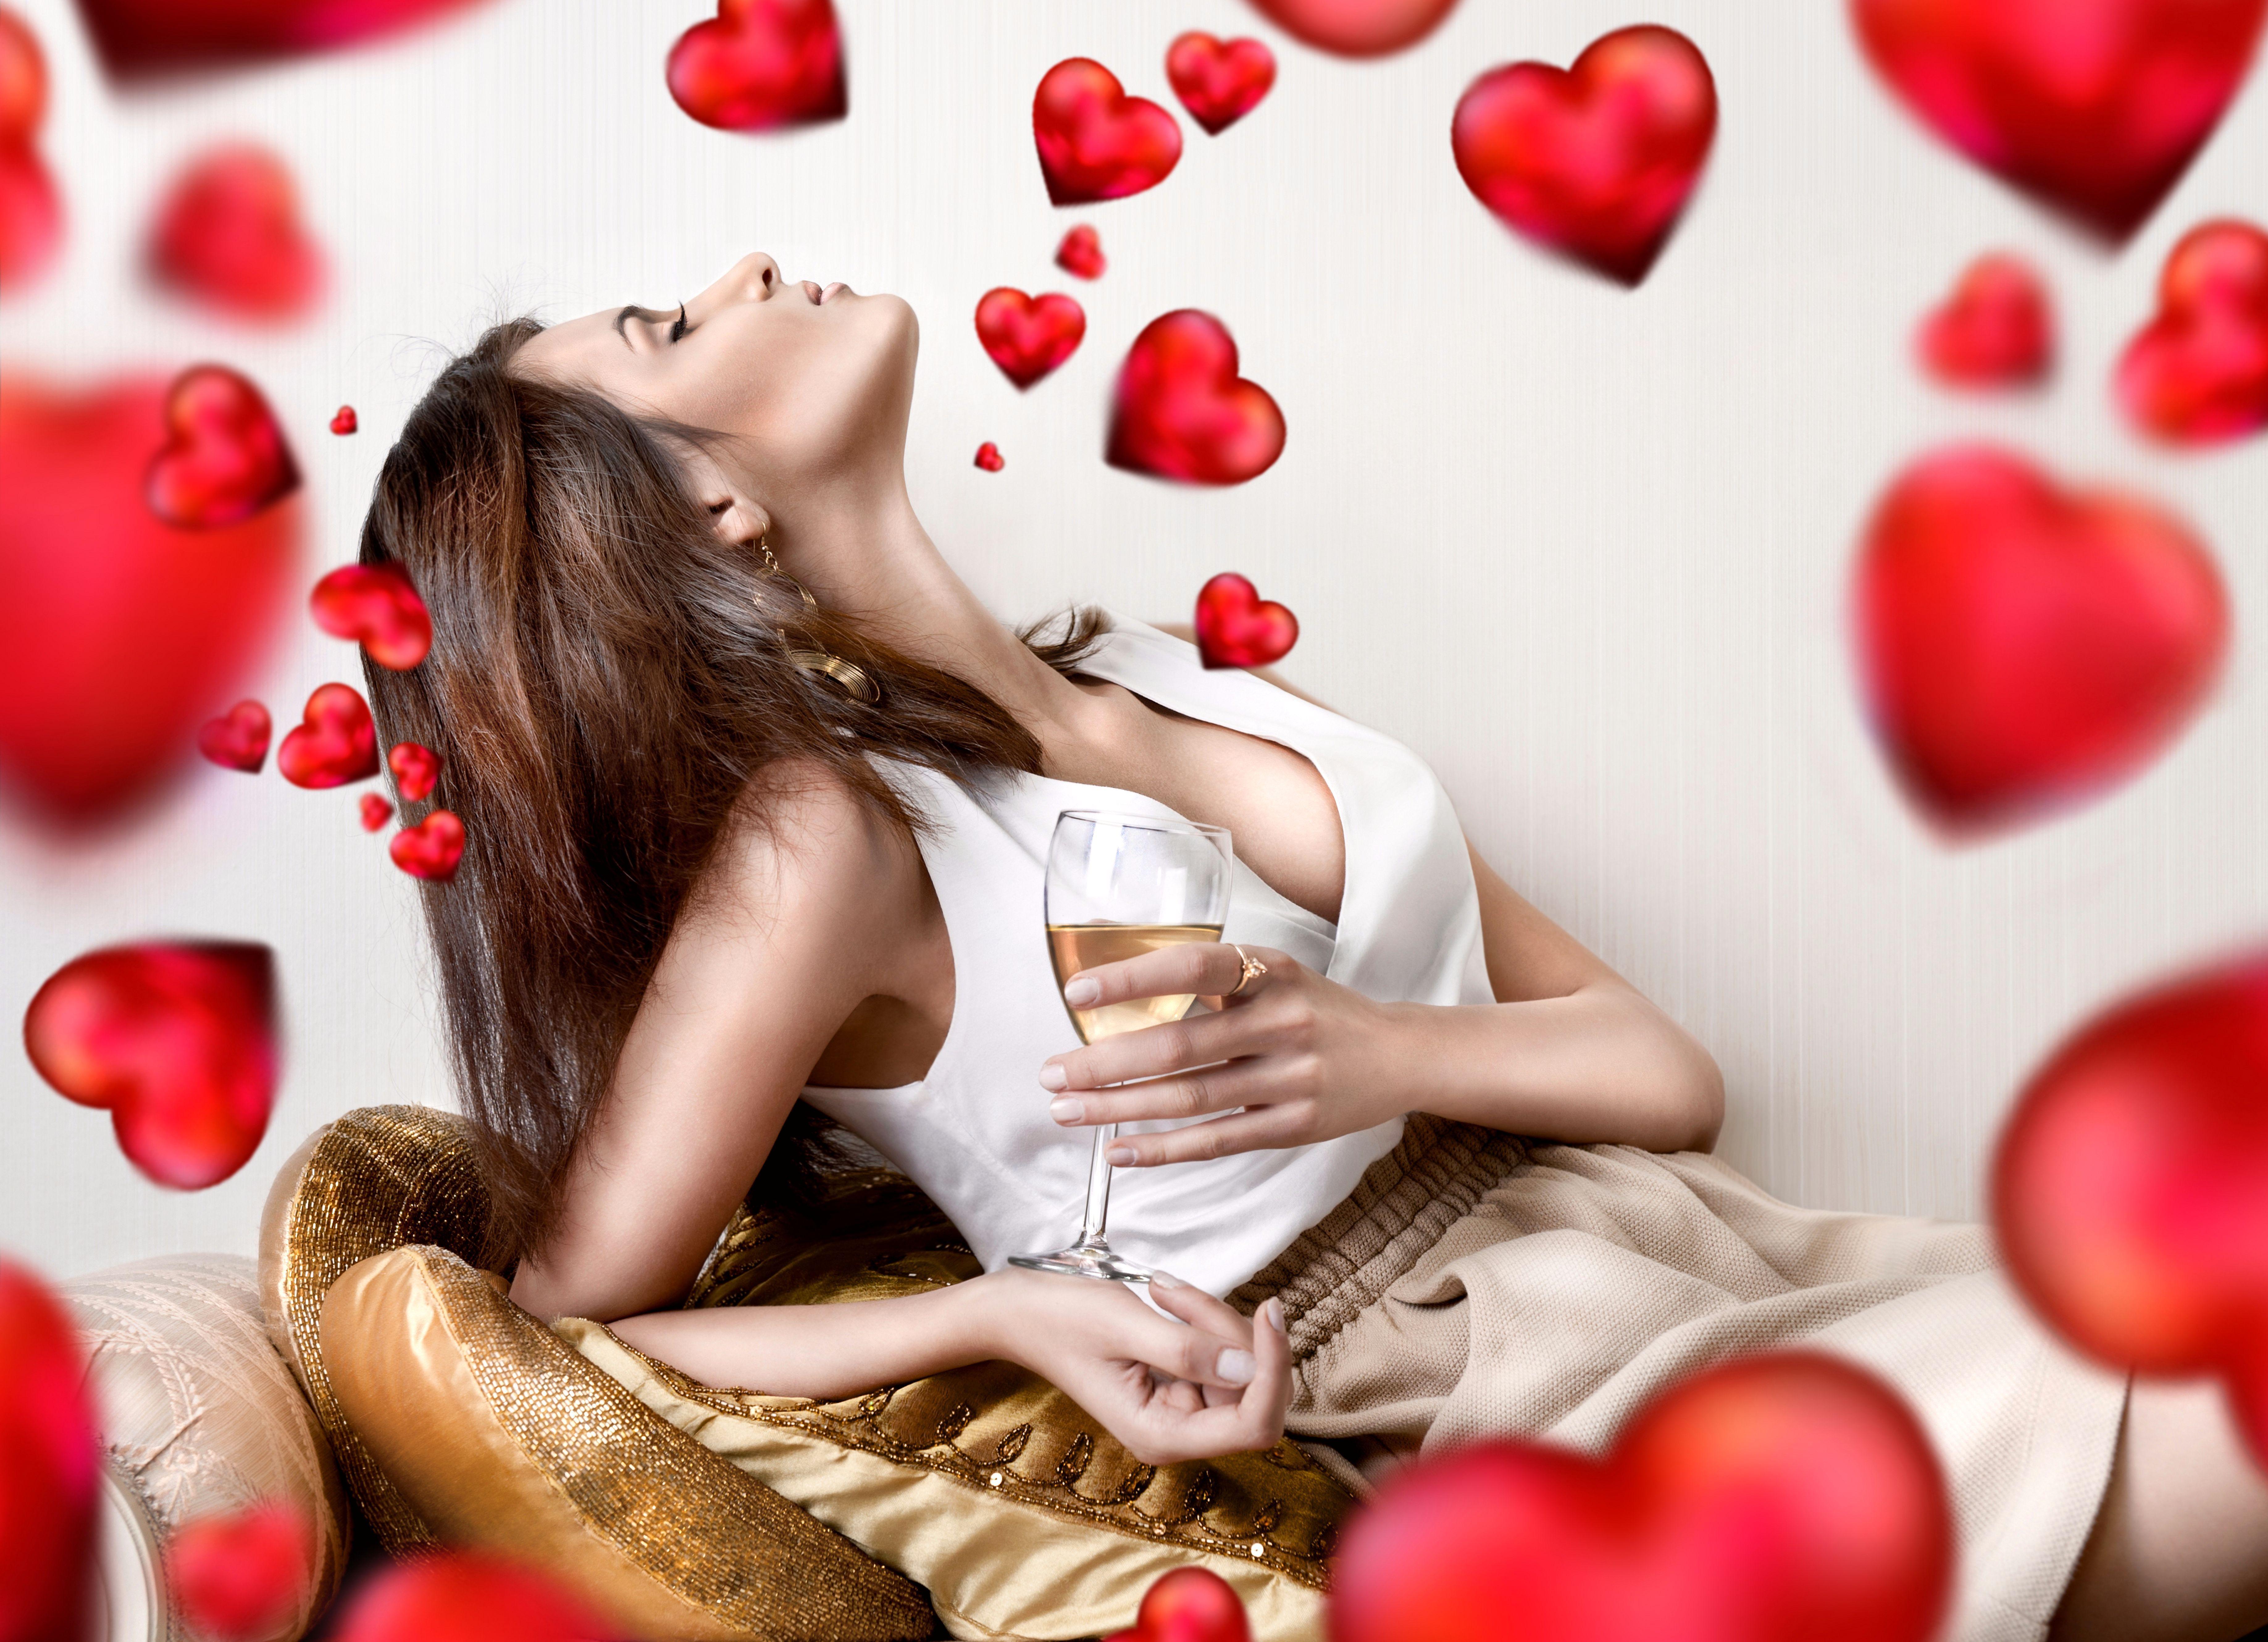 Сердце девушка обнимка  № 1659732 загрузить